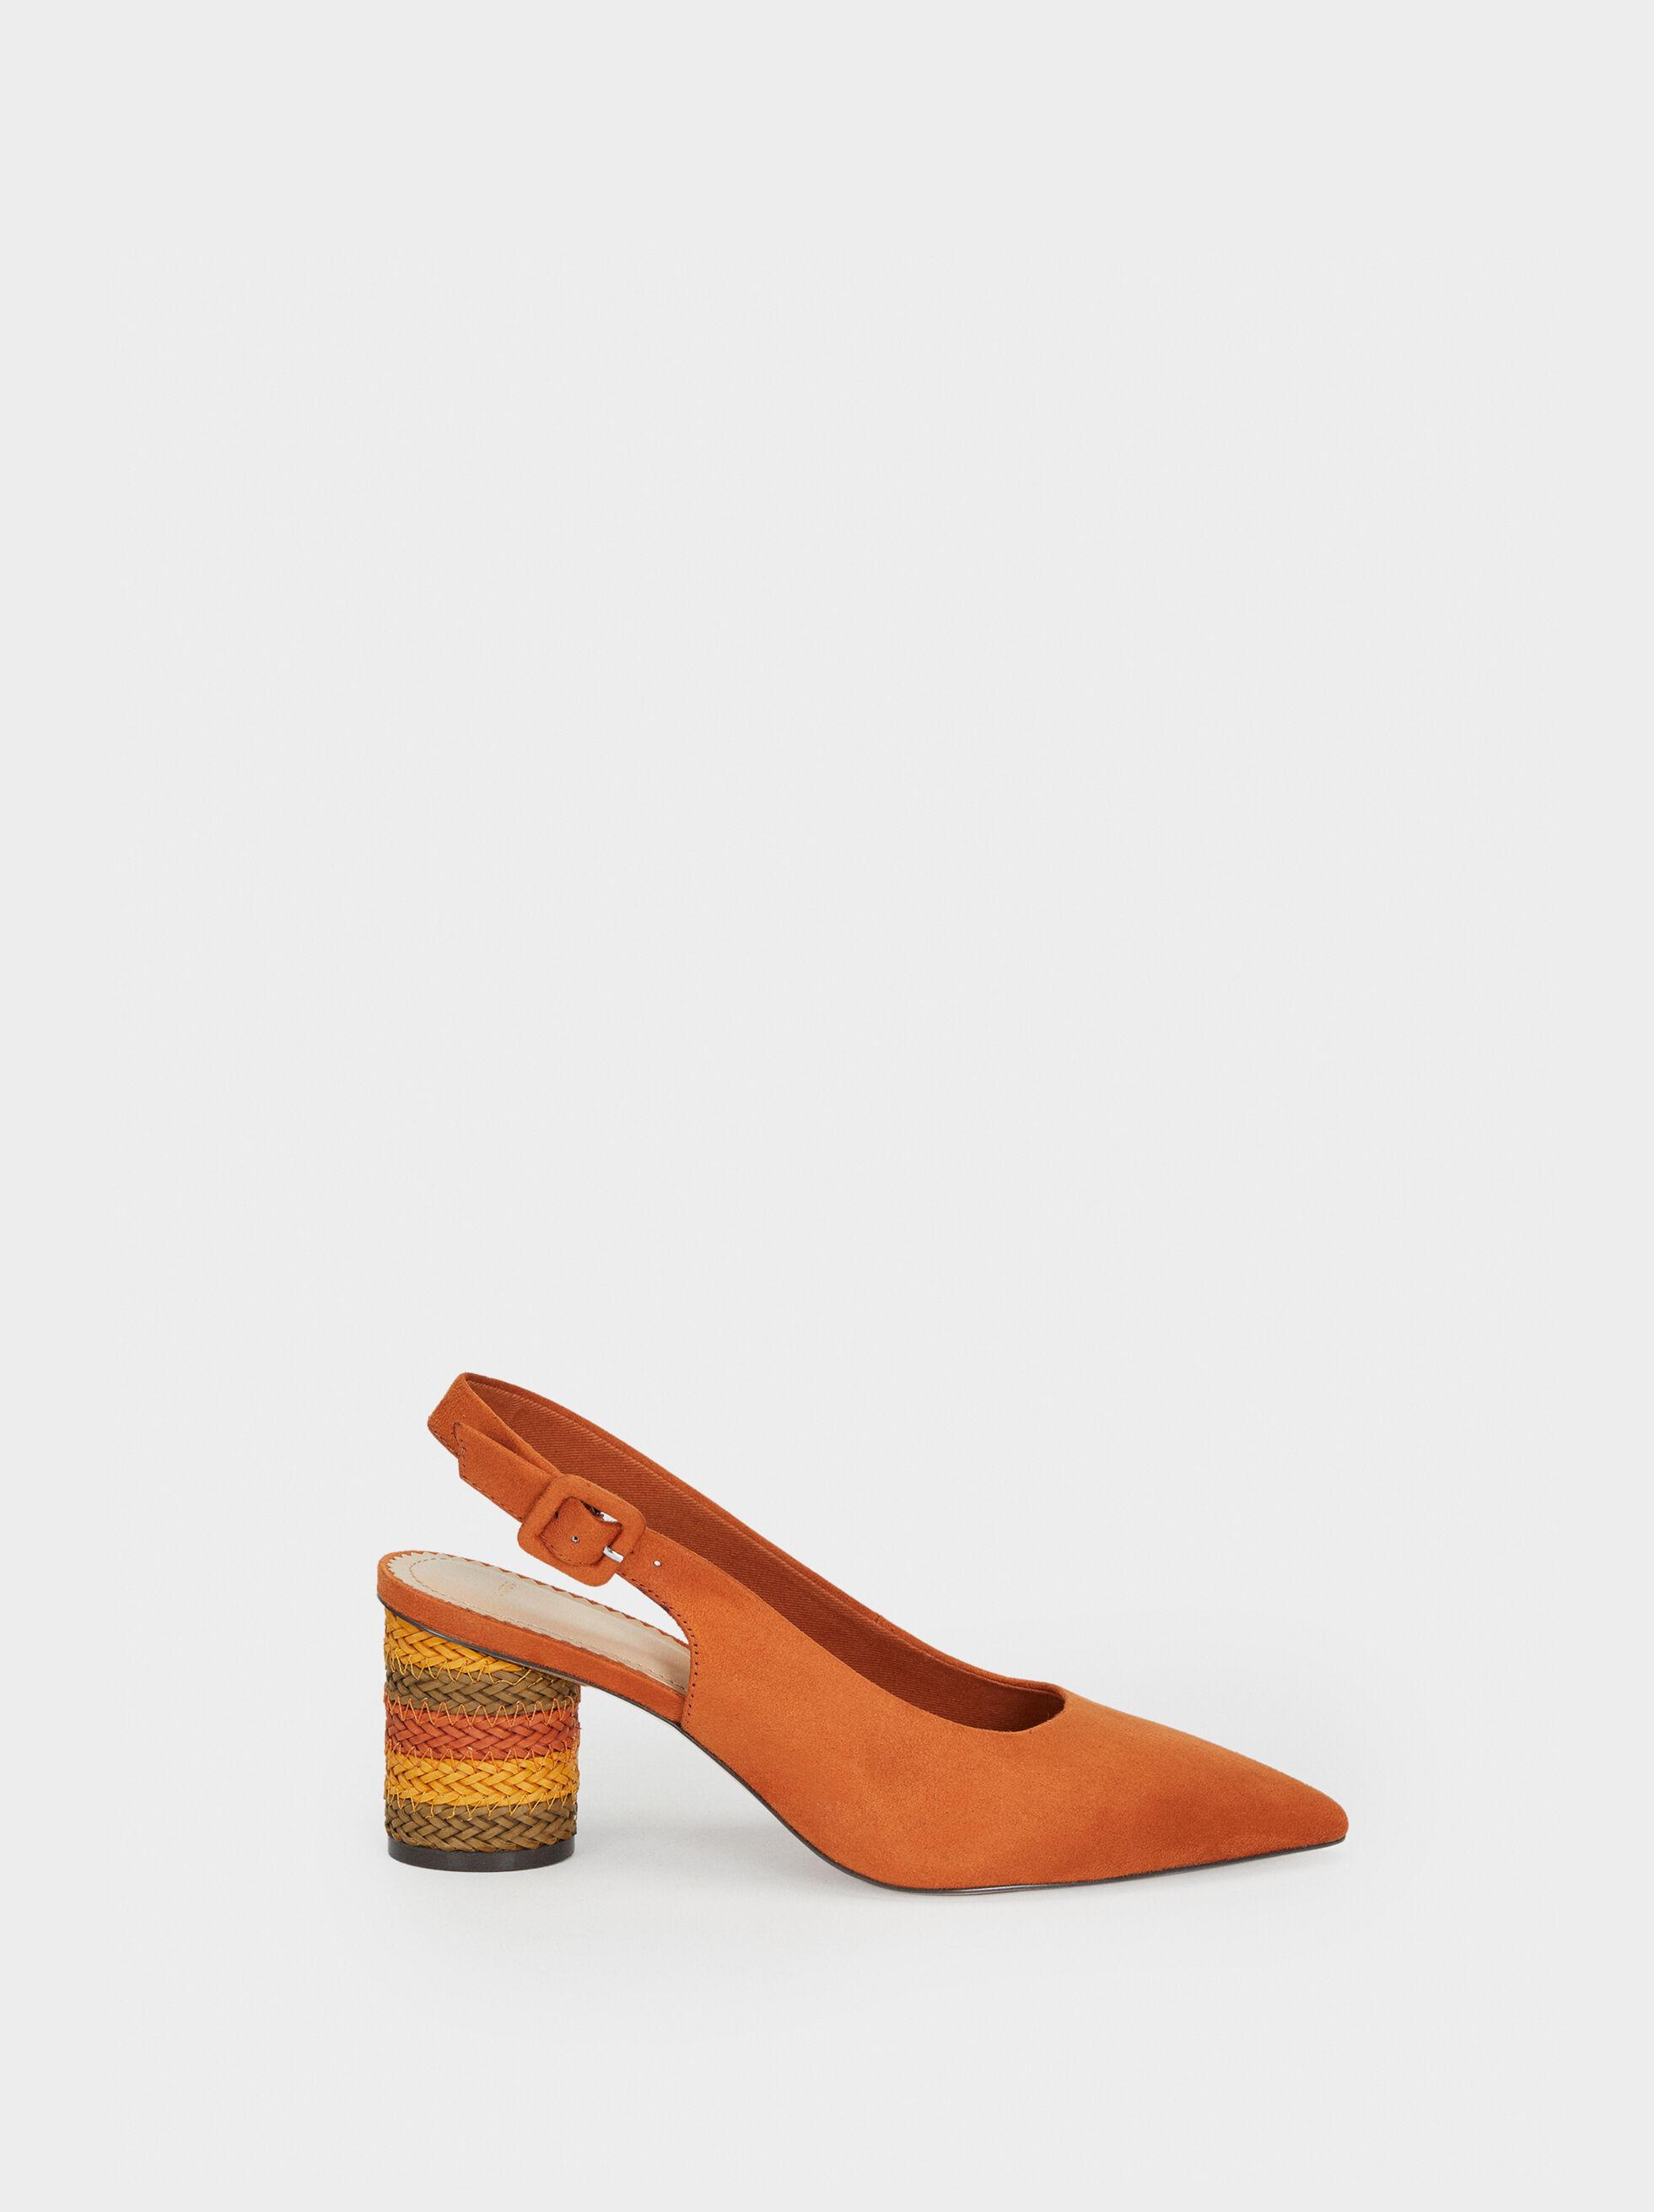 Zapatos Tacón Medio Trenzado Multicolor, , hi-res